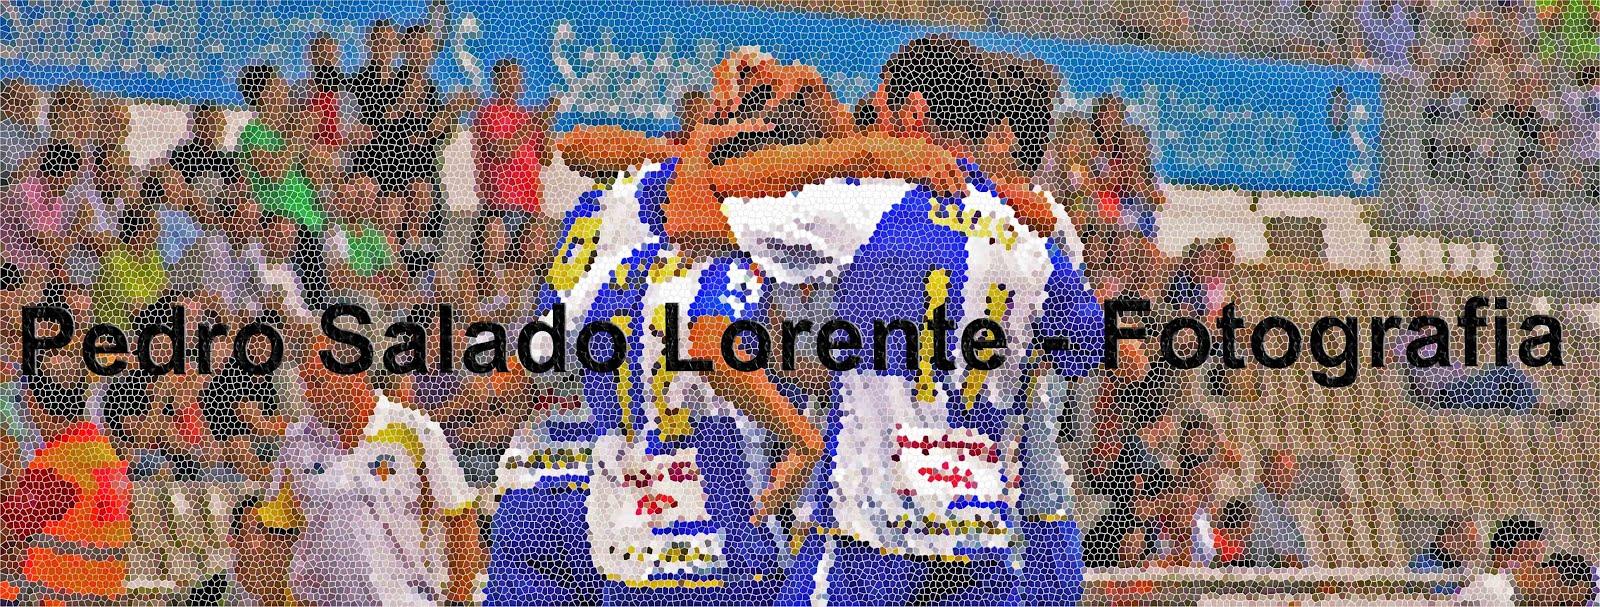 Pedro Salado Lorente - Fotografia